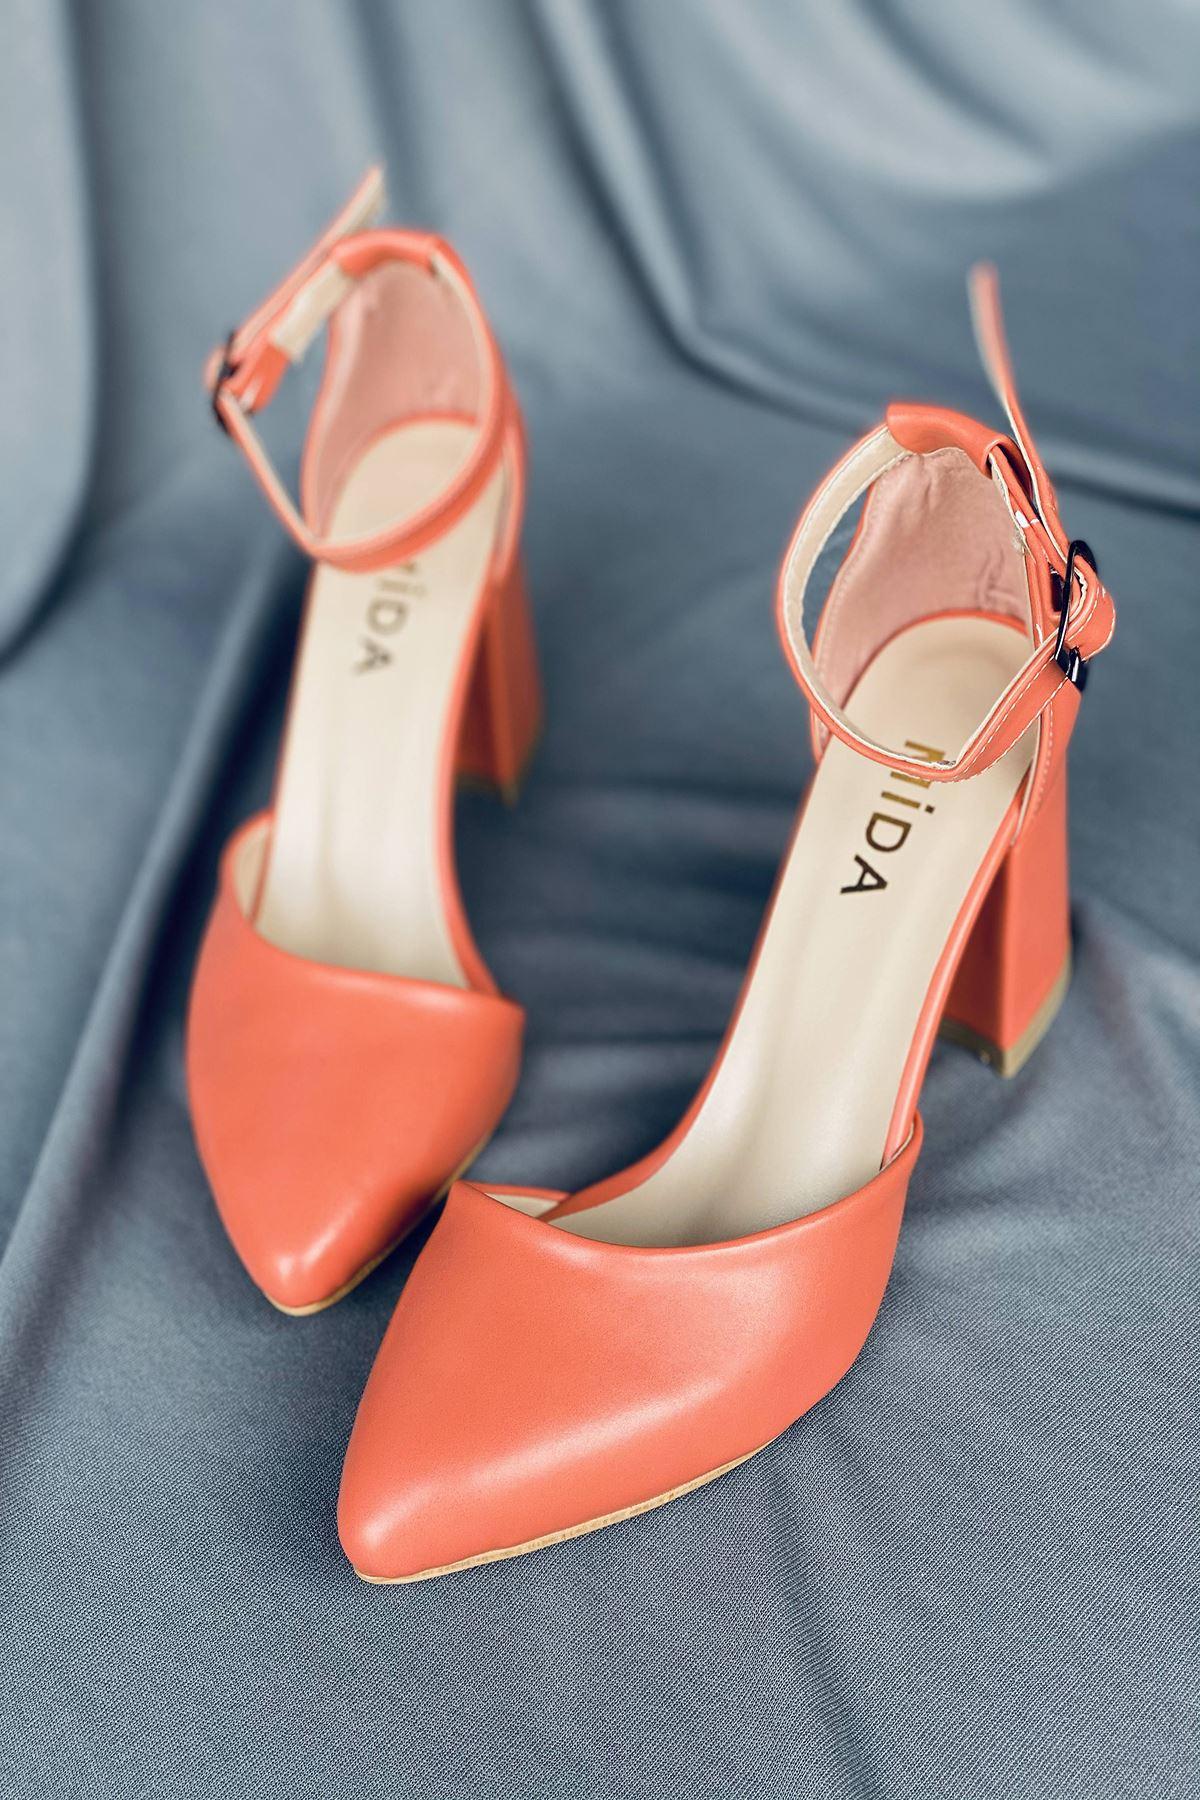 Y102 Turuncu Deri Topuklu Ayakkabı